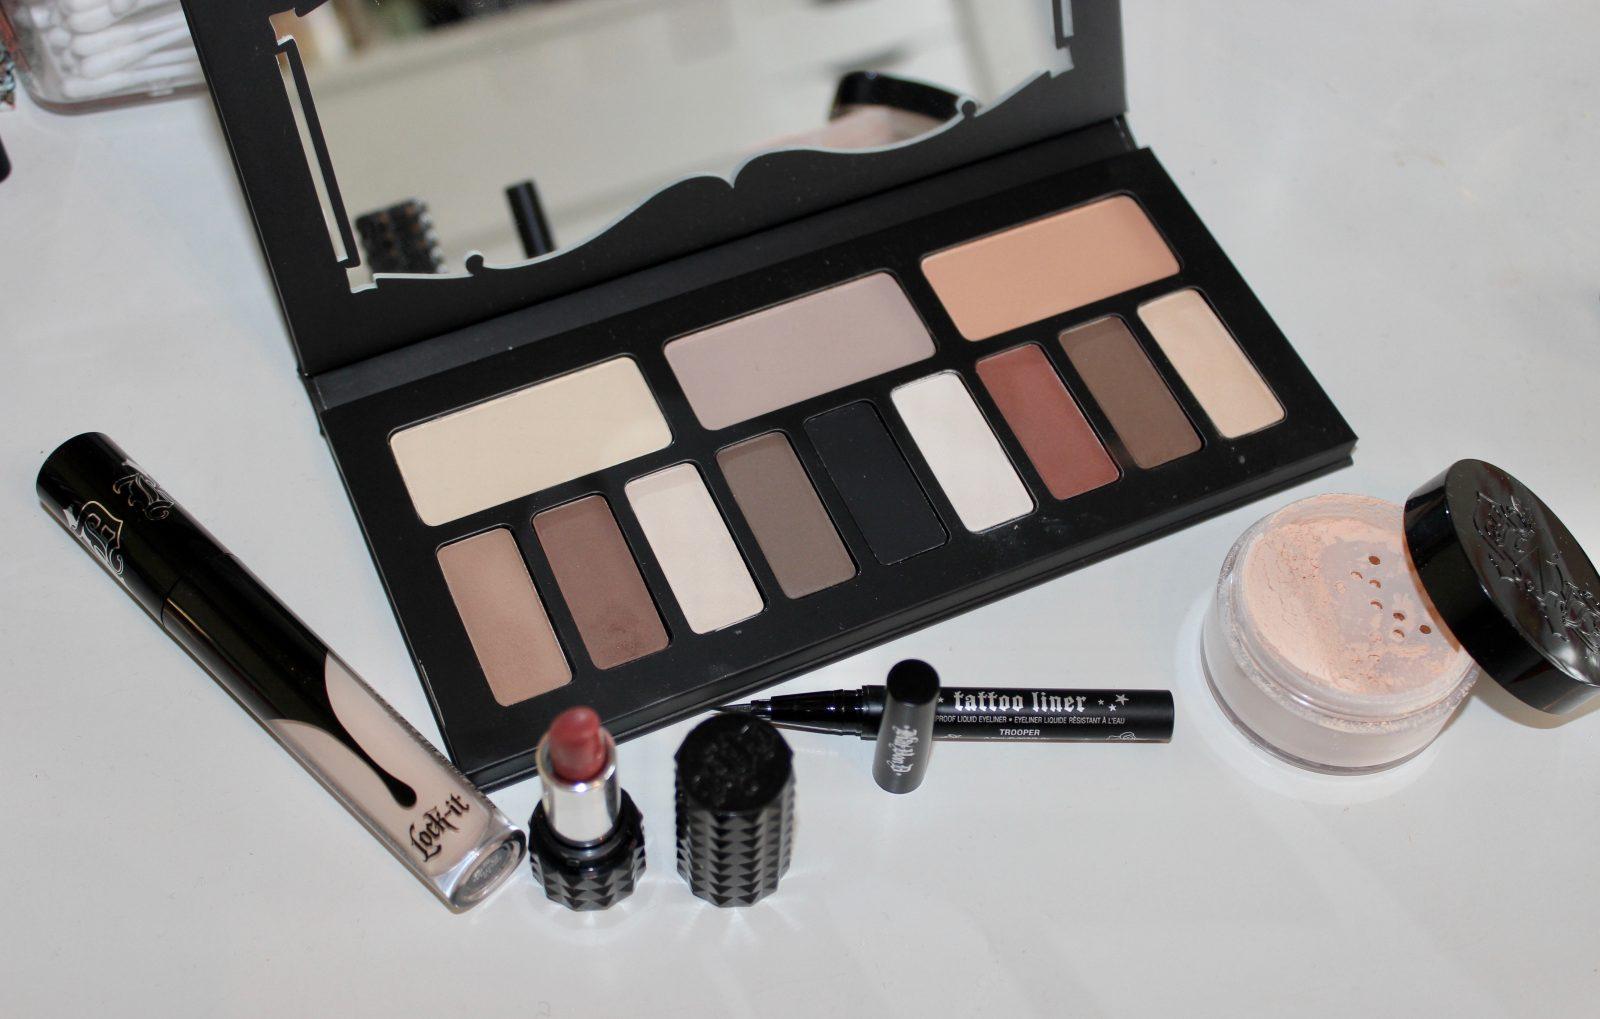 Kat Von D Makeup ireland